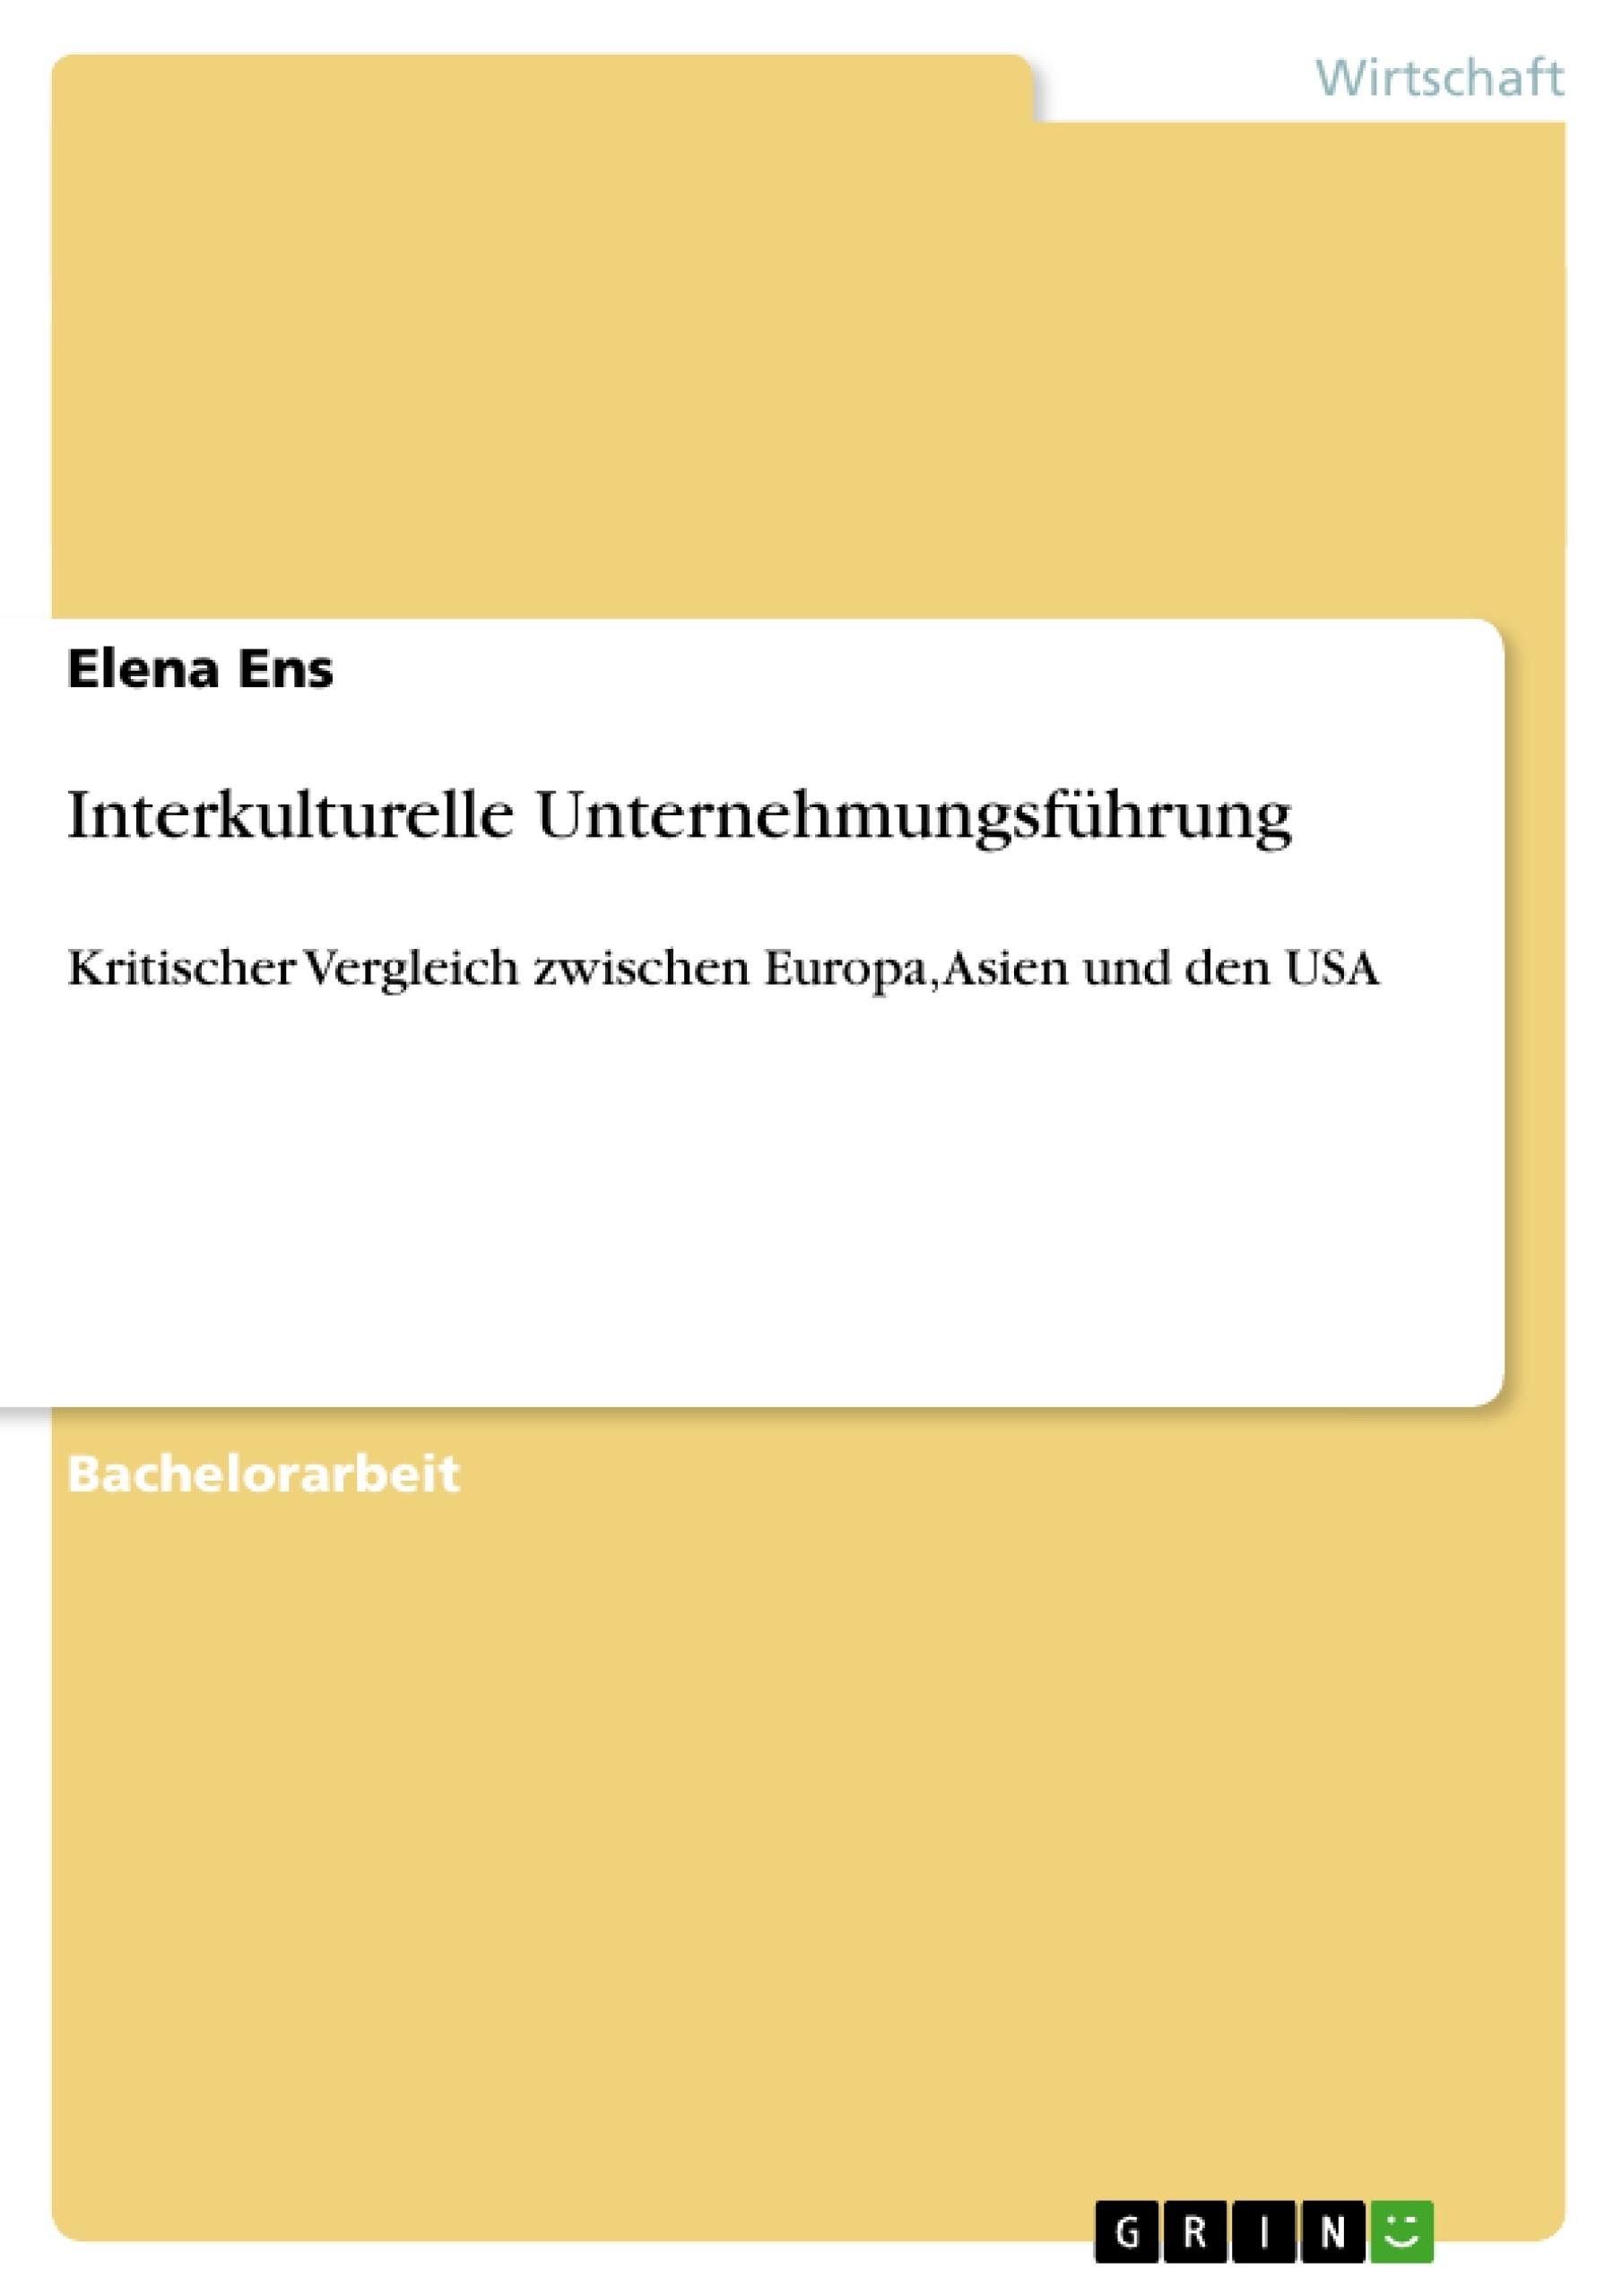 Titel: Interkulturelle Unternehmungsführung